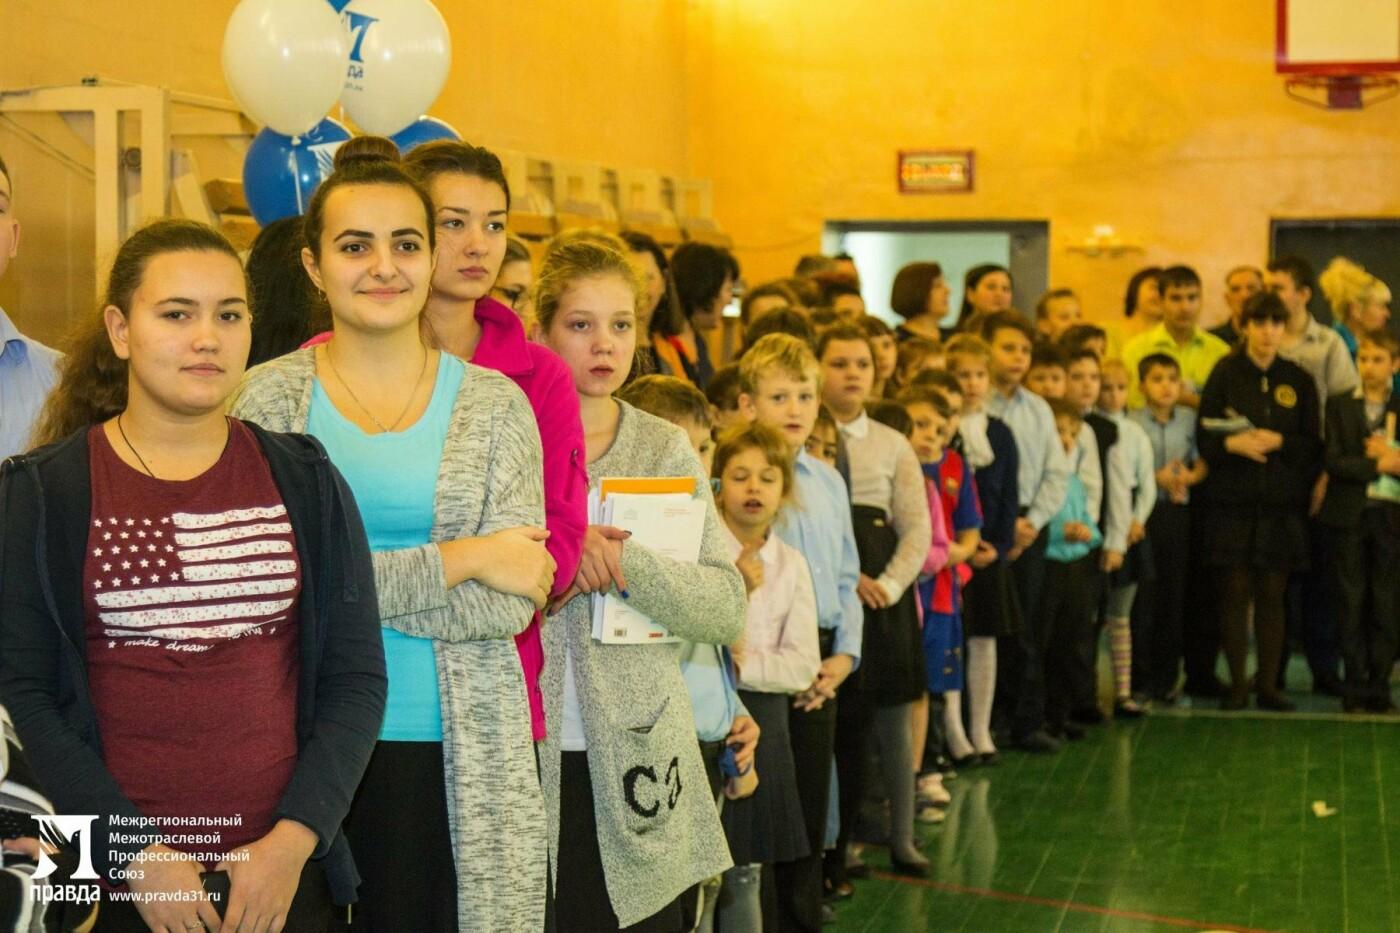 Профсоюз «Правда» поздравил друзей из школы-интерната № 23 с наступающим Новым годом, фото-7